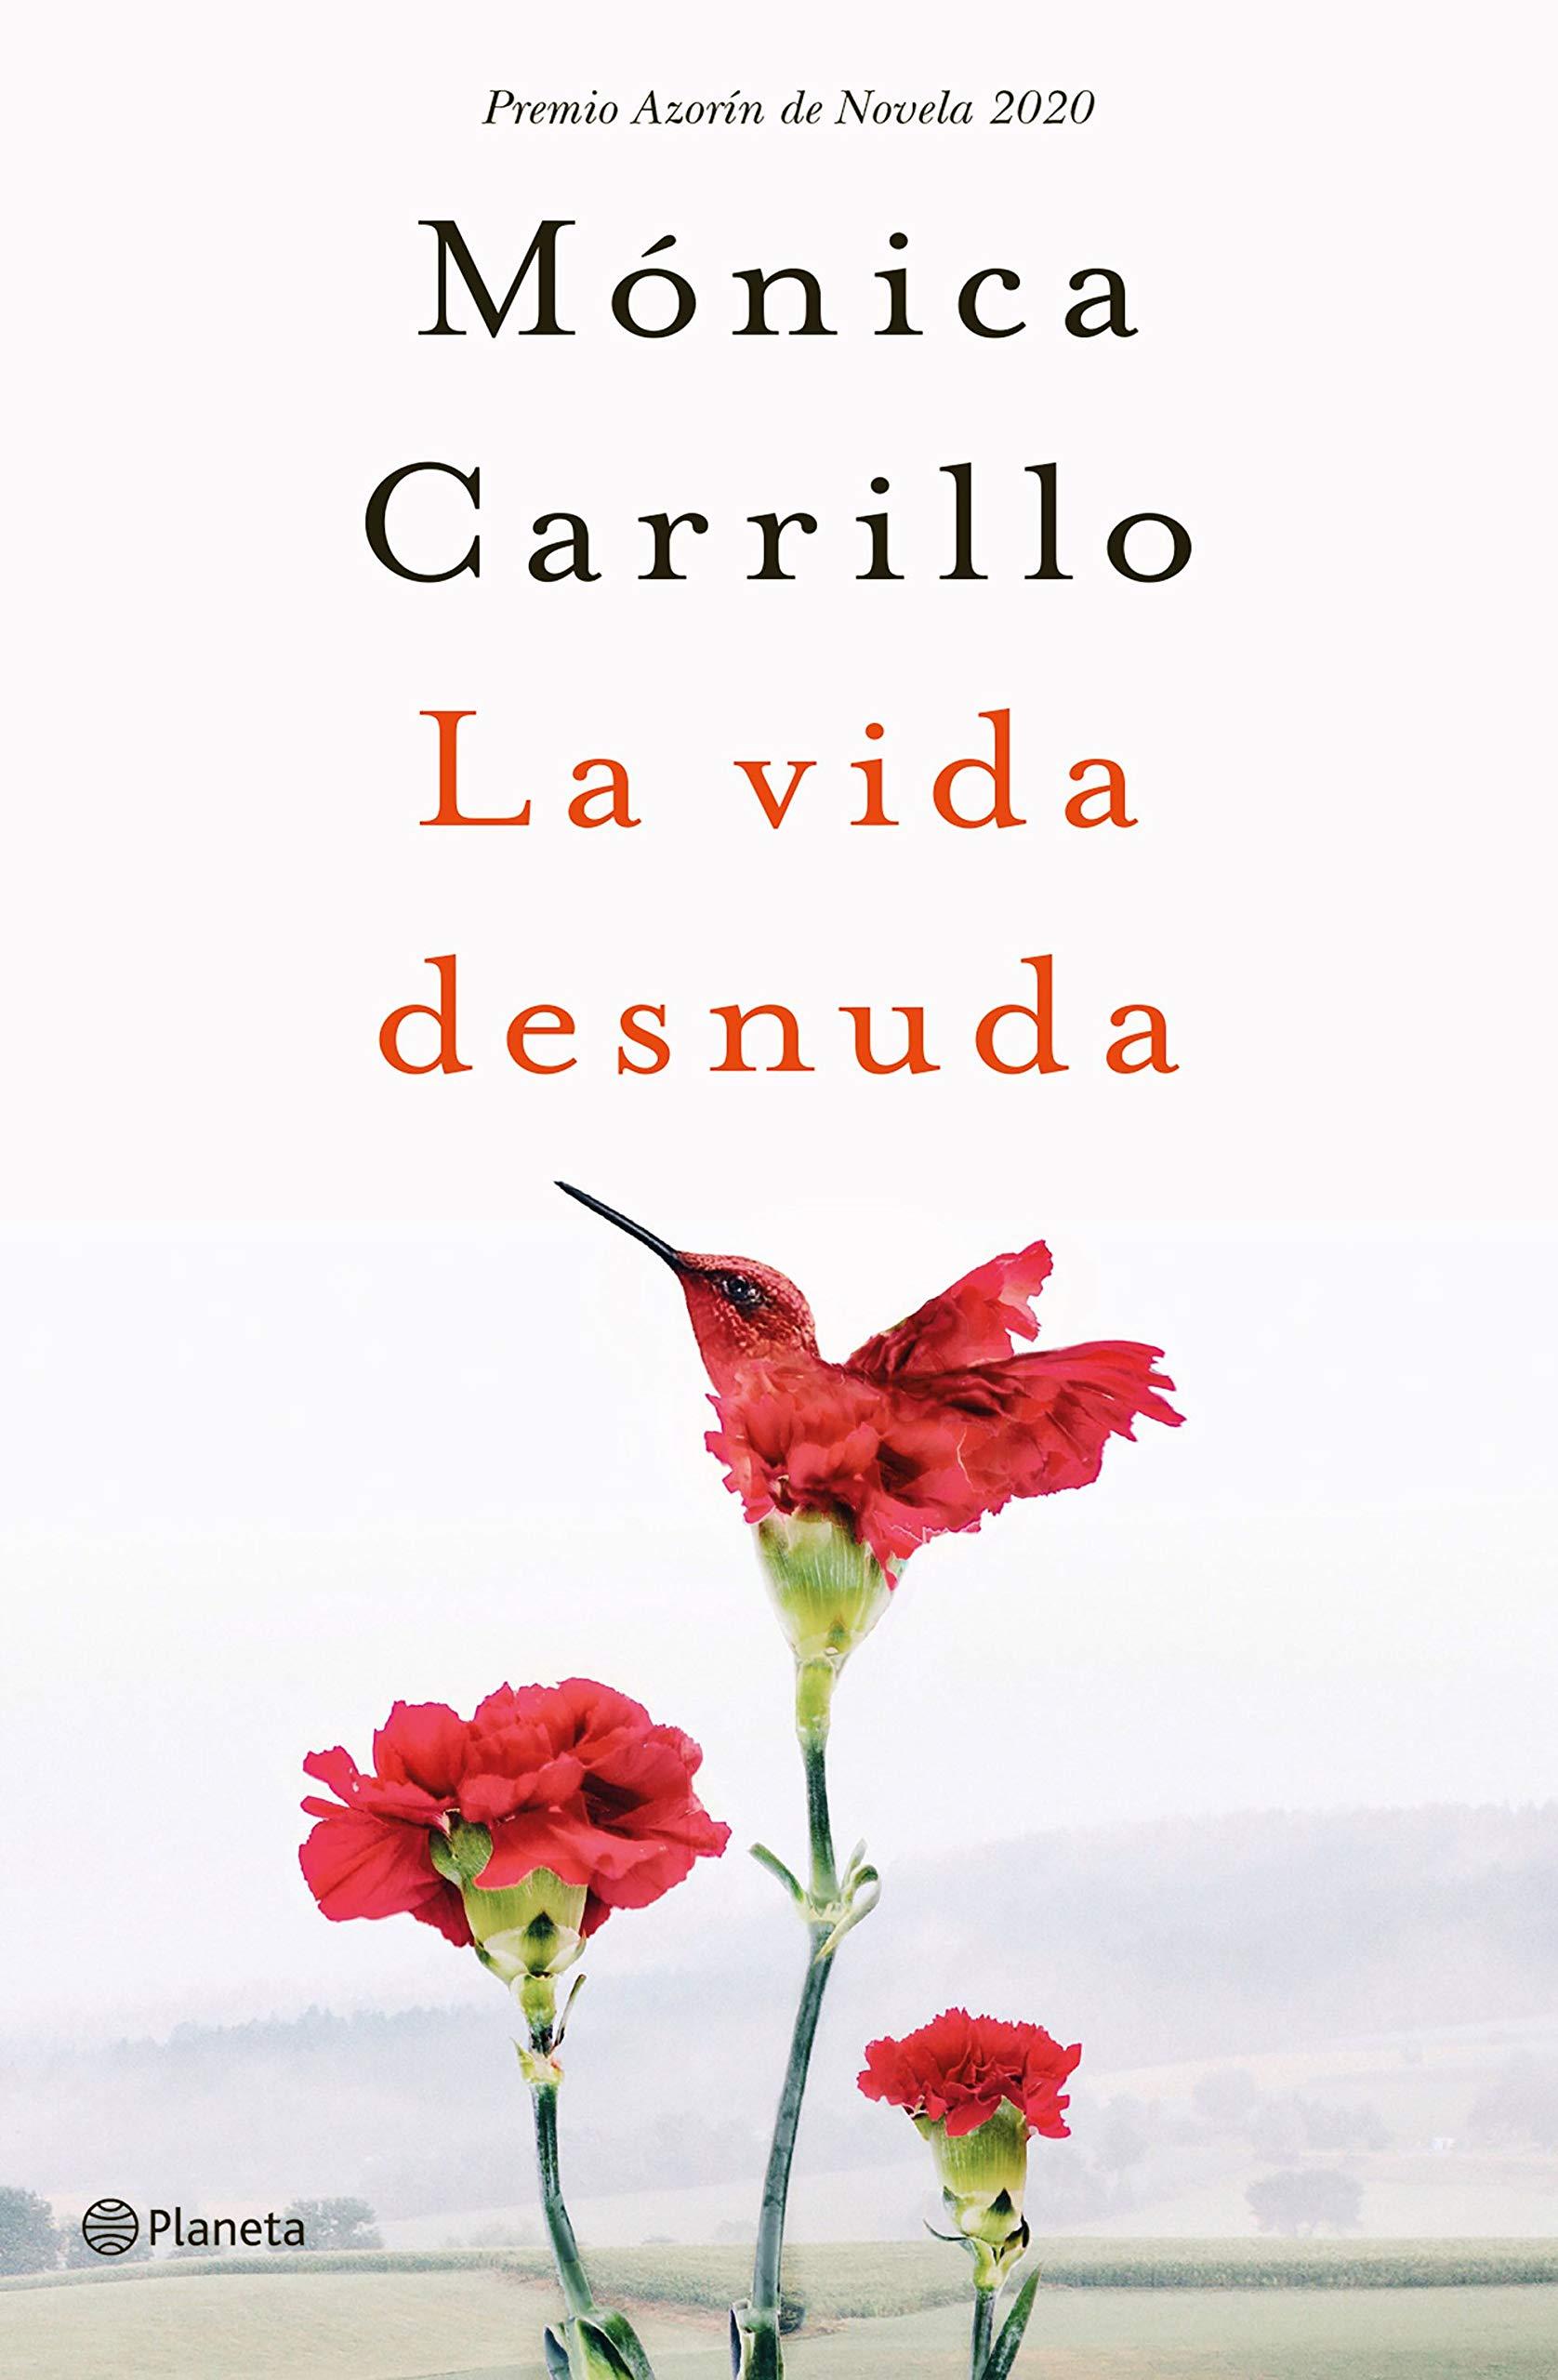 La vida desnuda: Premio Azorín de Novela 2020 Autores ...